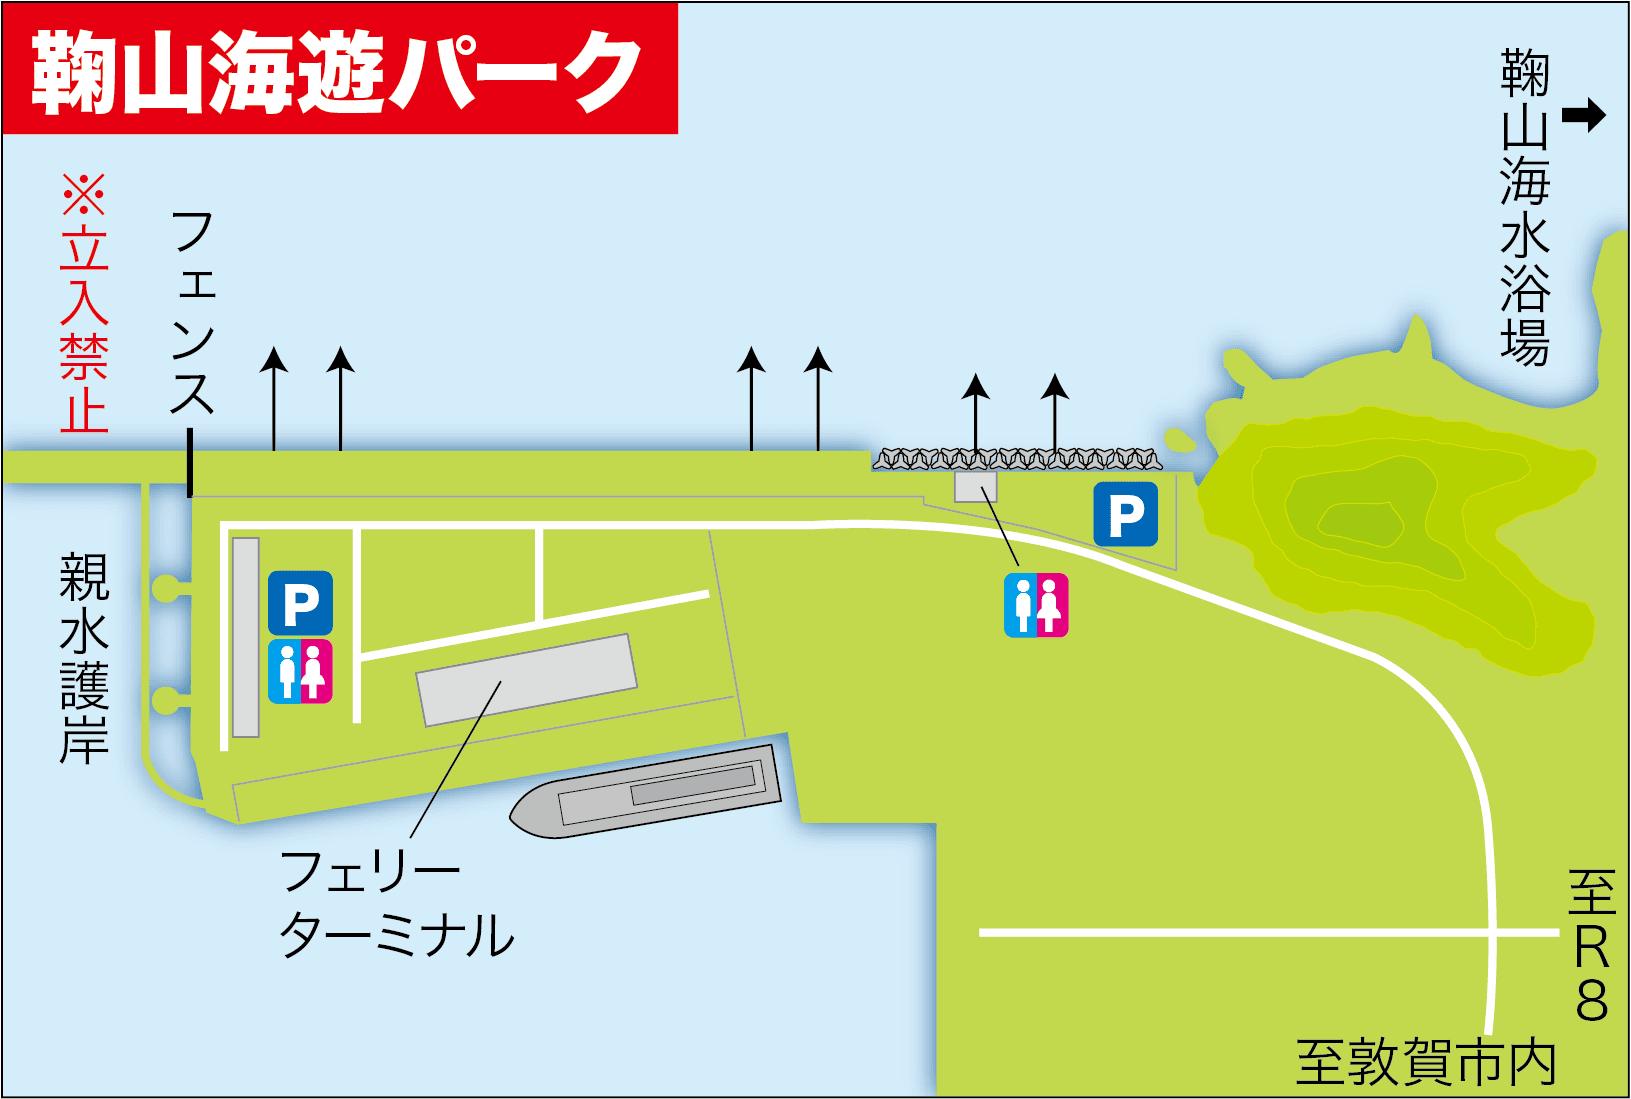 鞠山海遊パークアコウ8